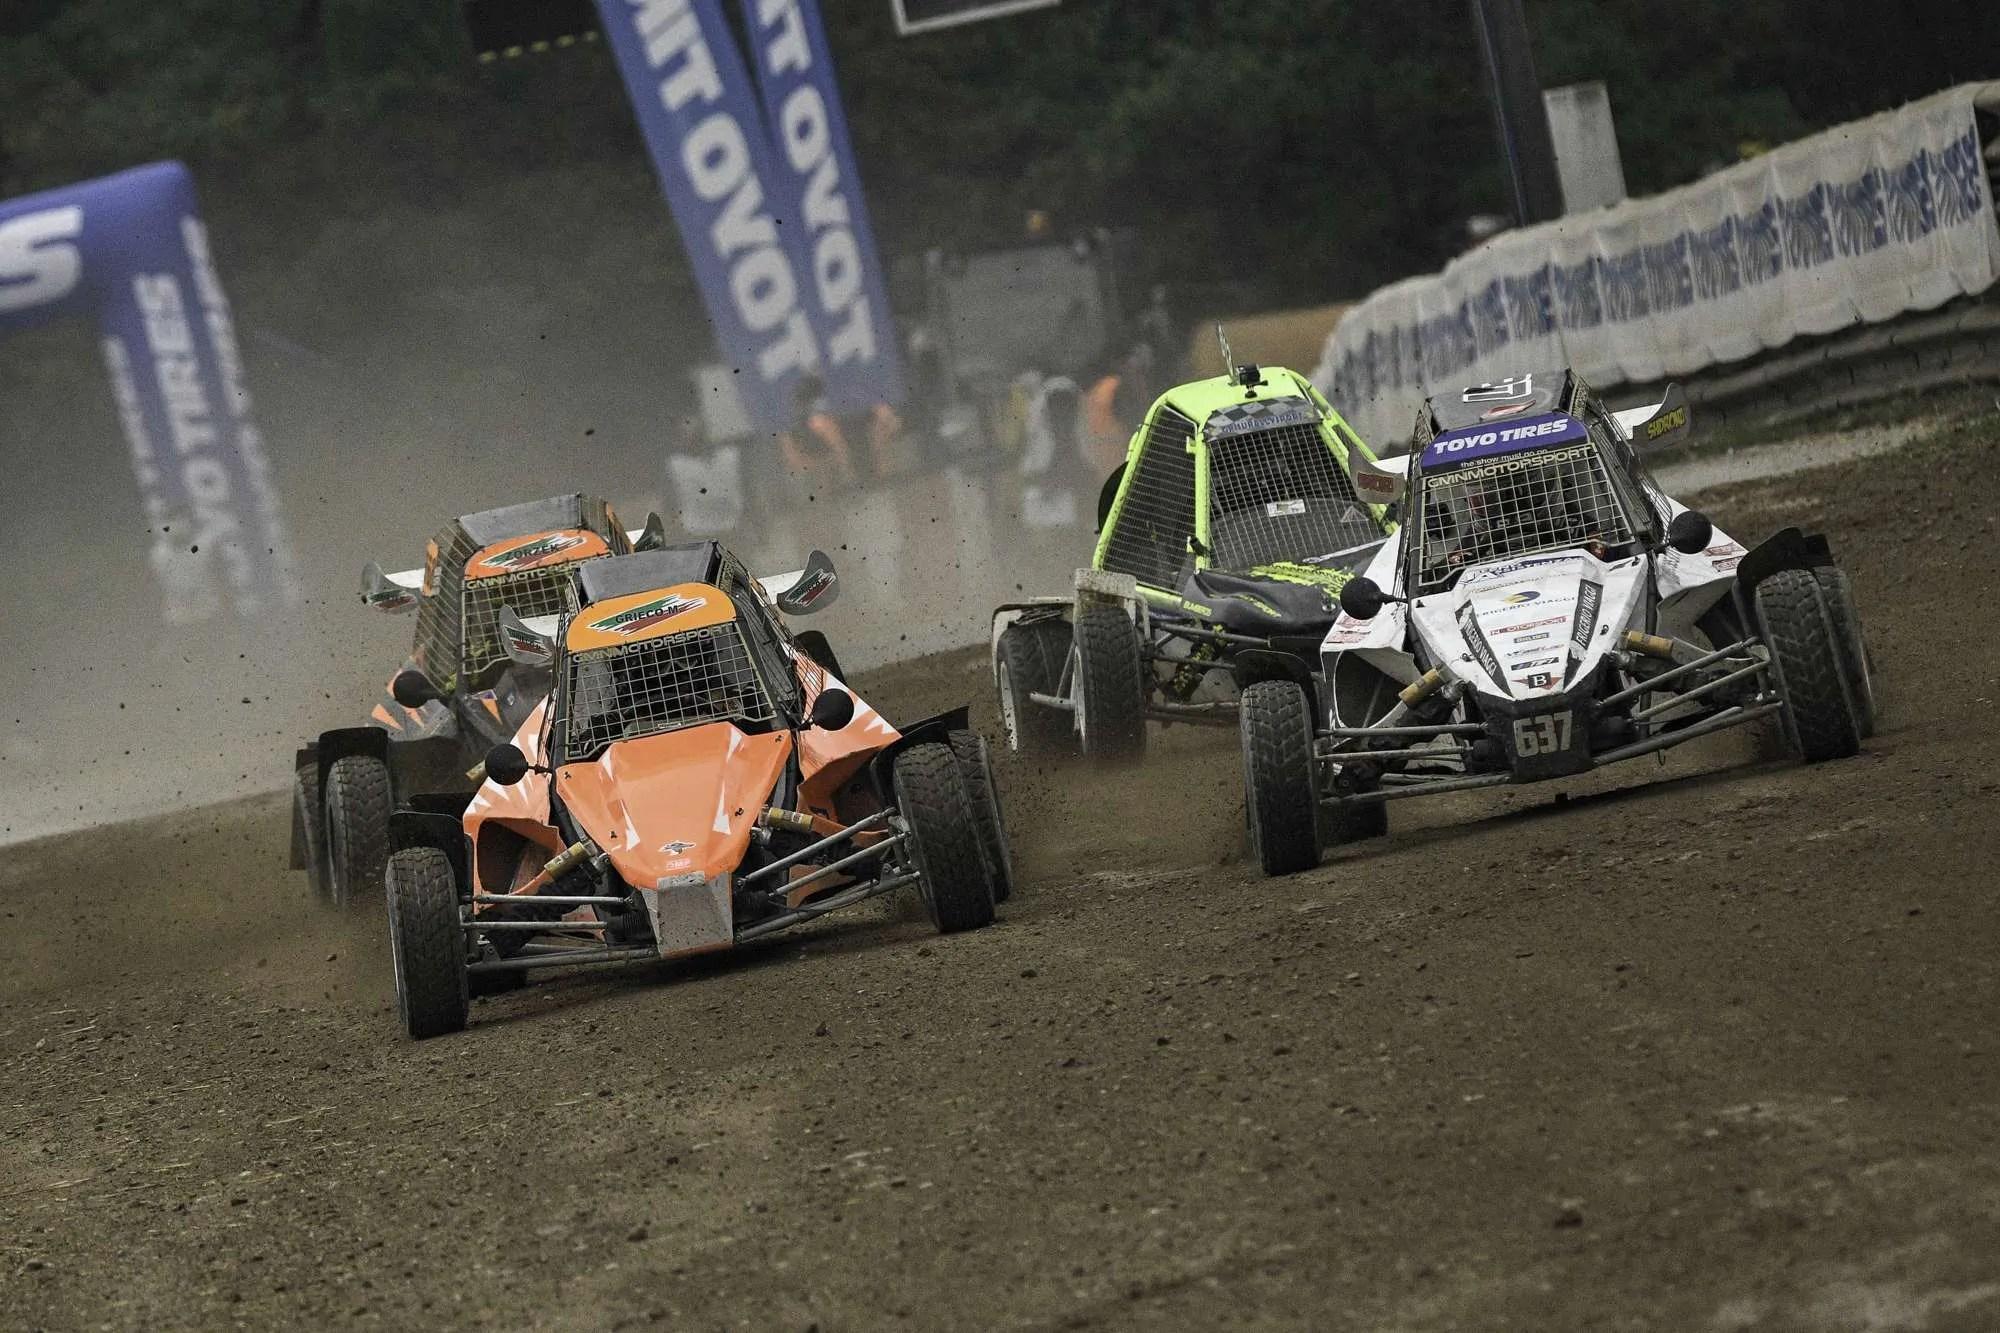 Campionato Italiano RX 2021, si avvicina il Round 1